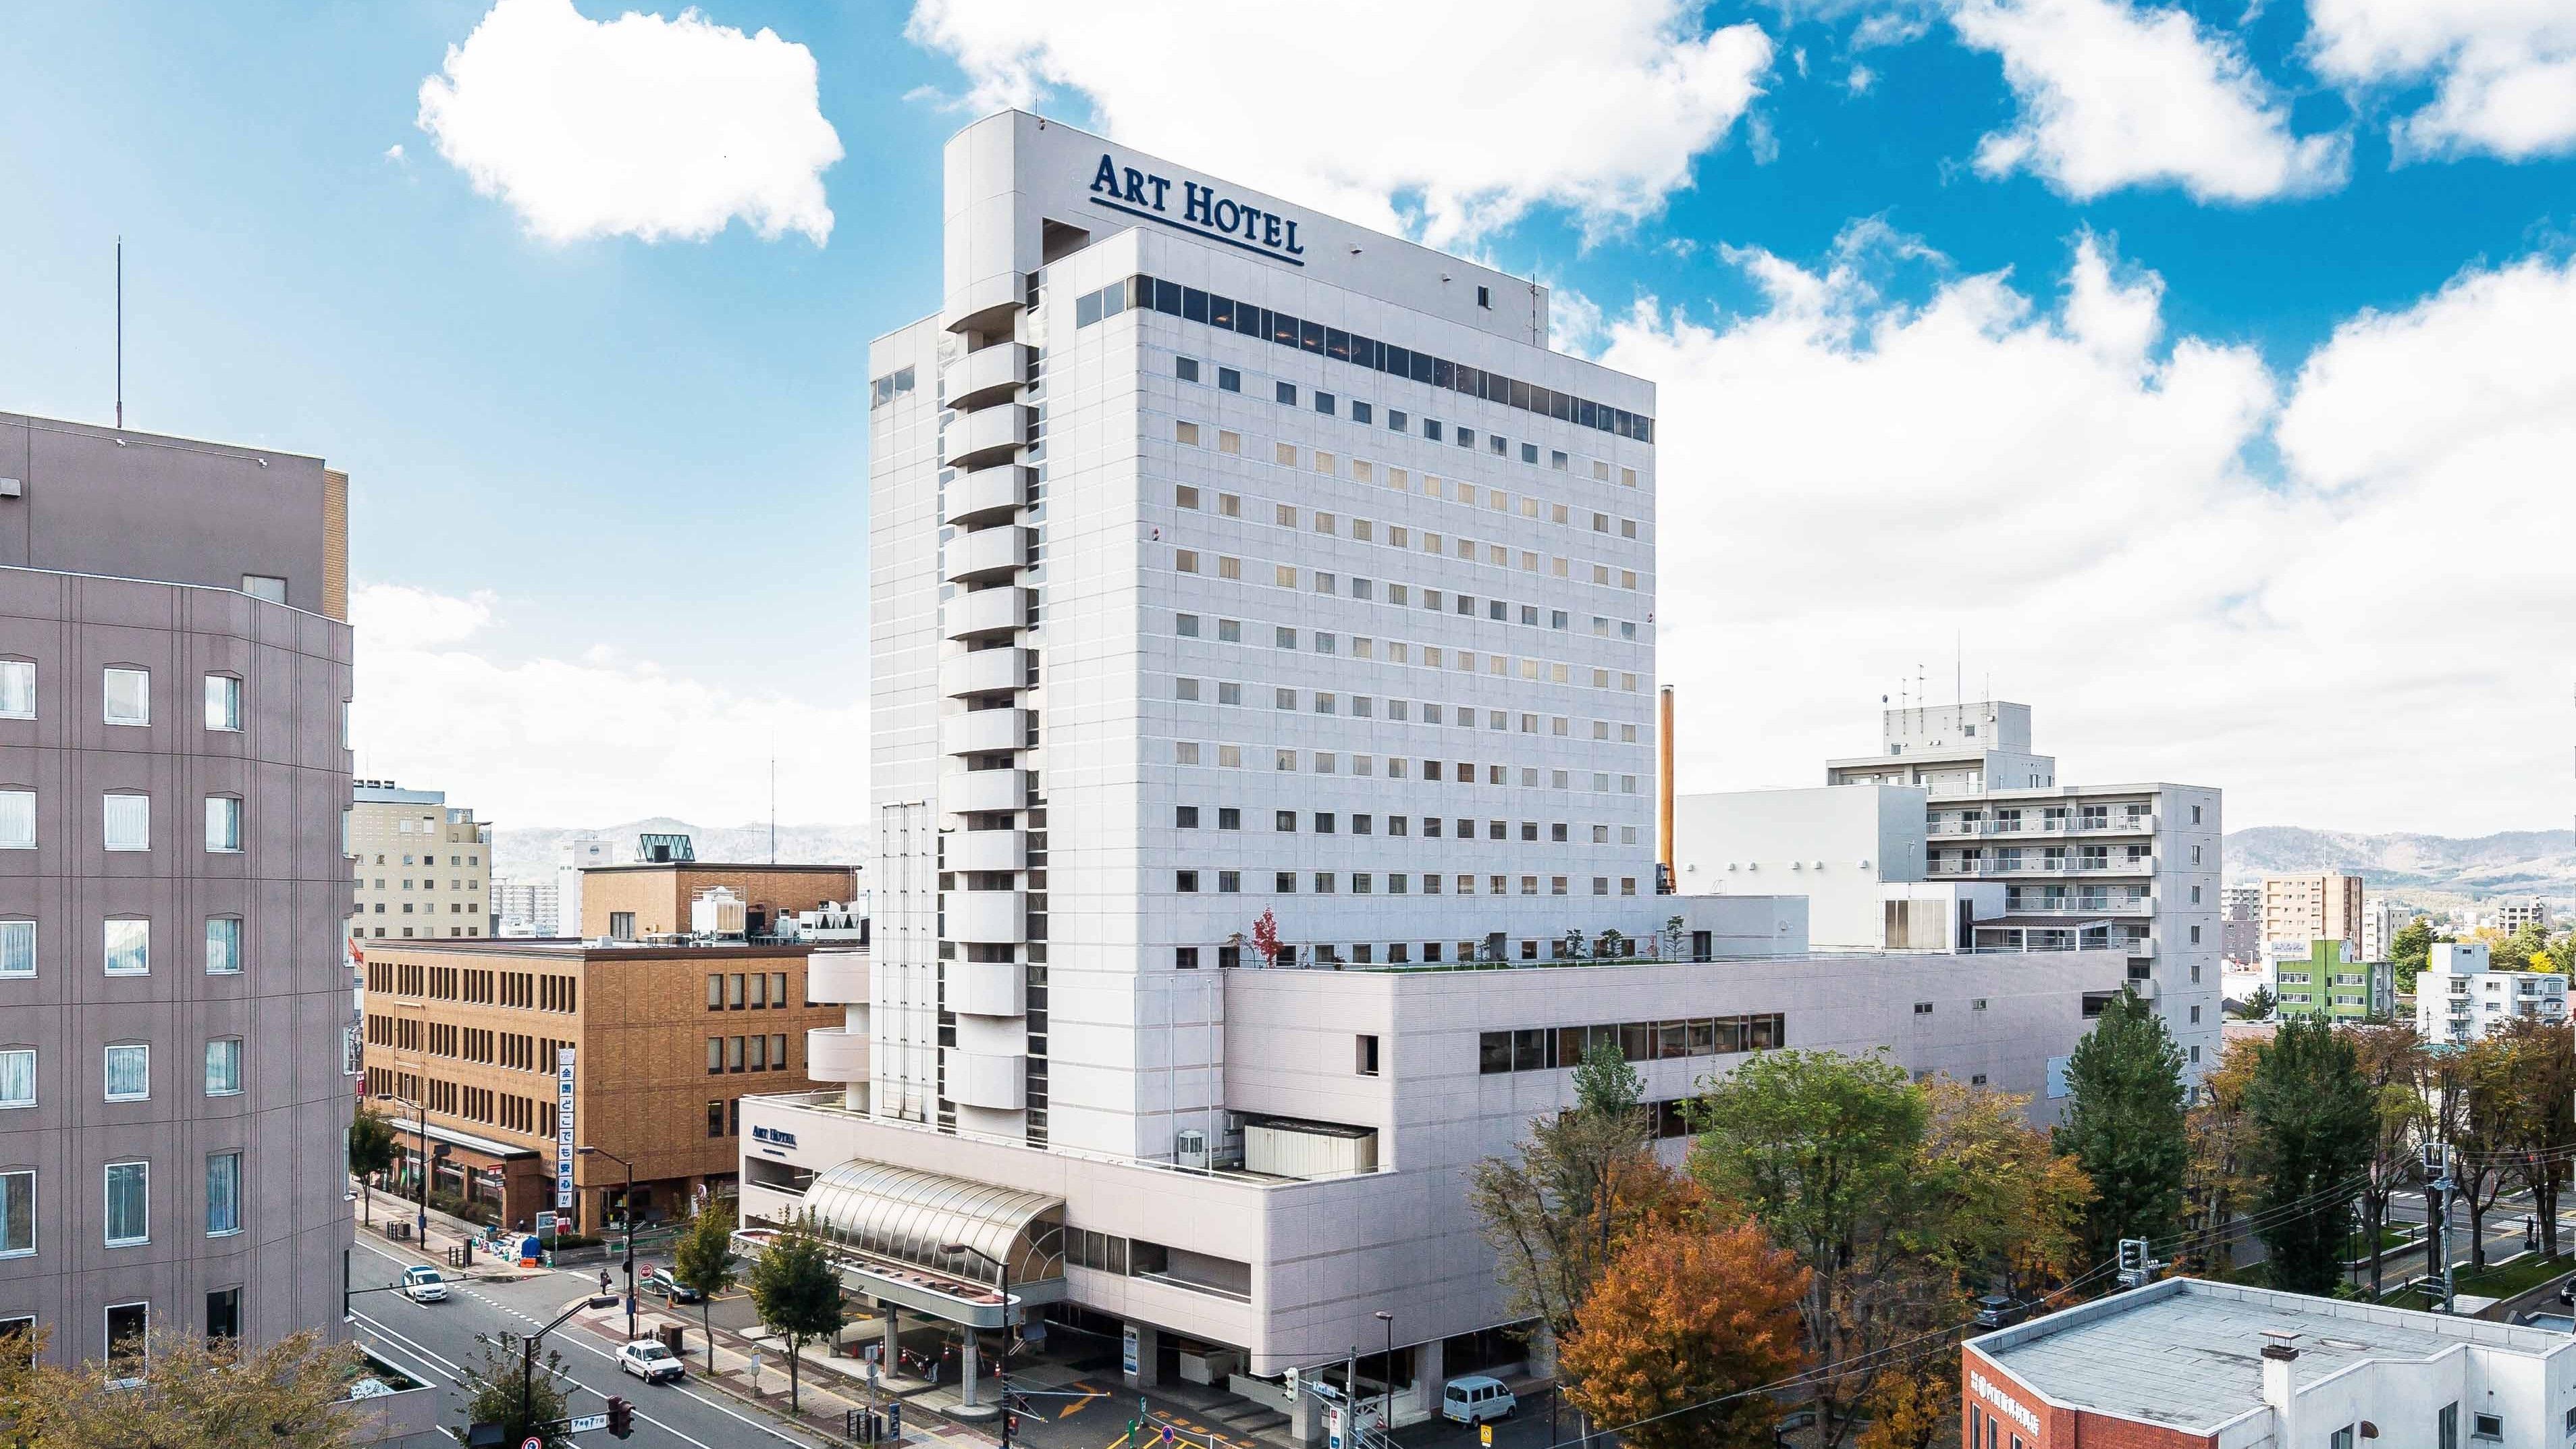 アートホテル旭川 image